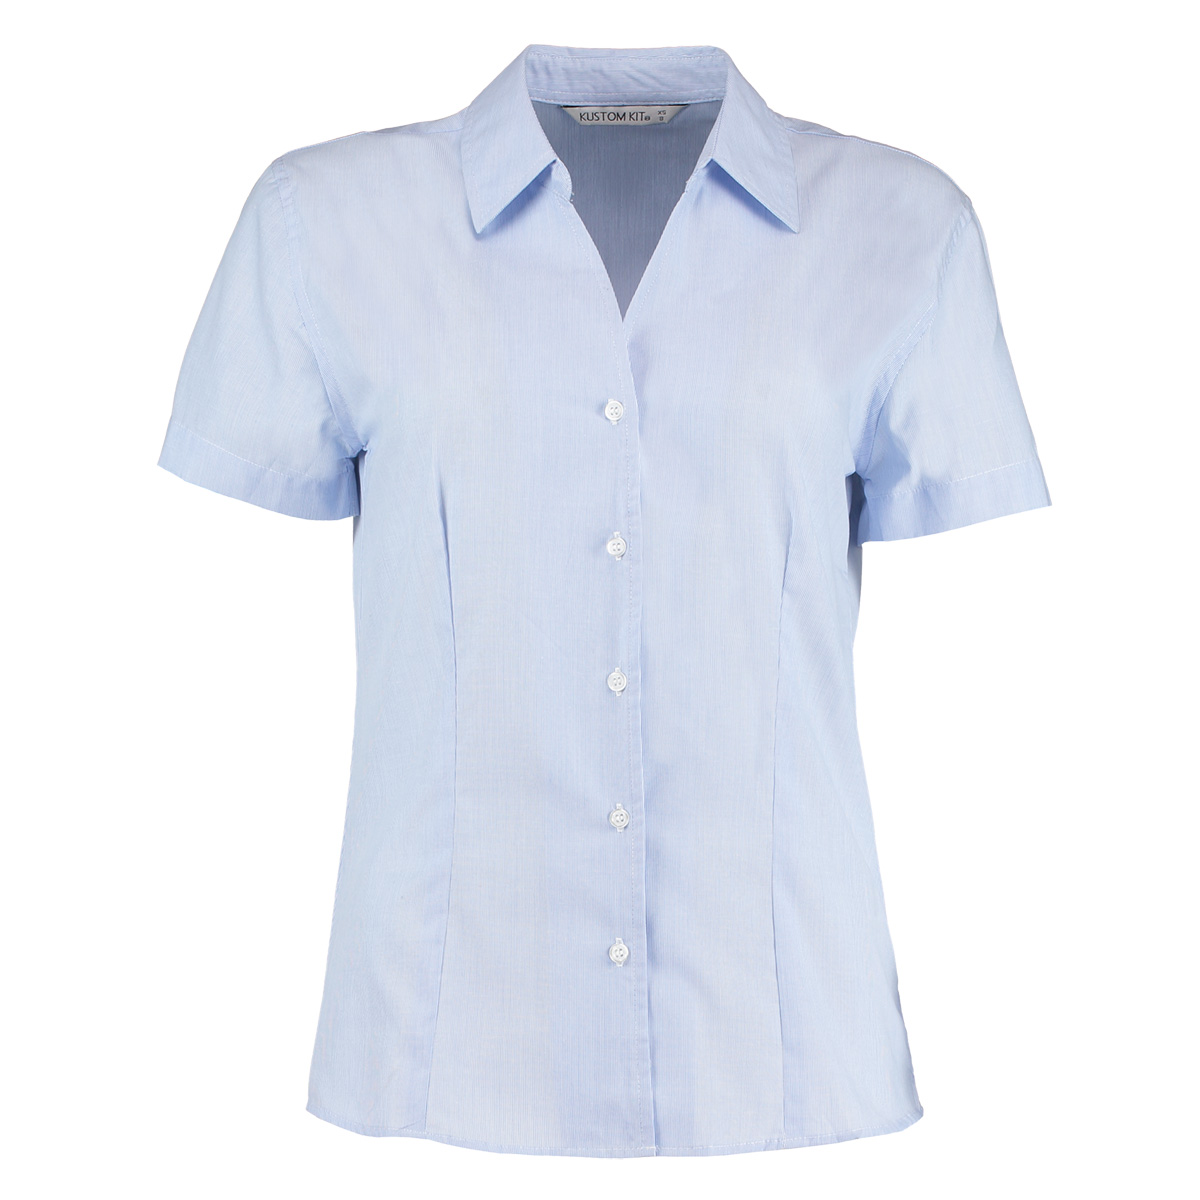 Kk713 Pinstripe Shirt Kustom Kit